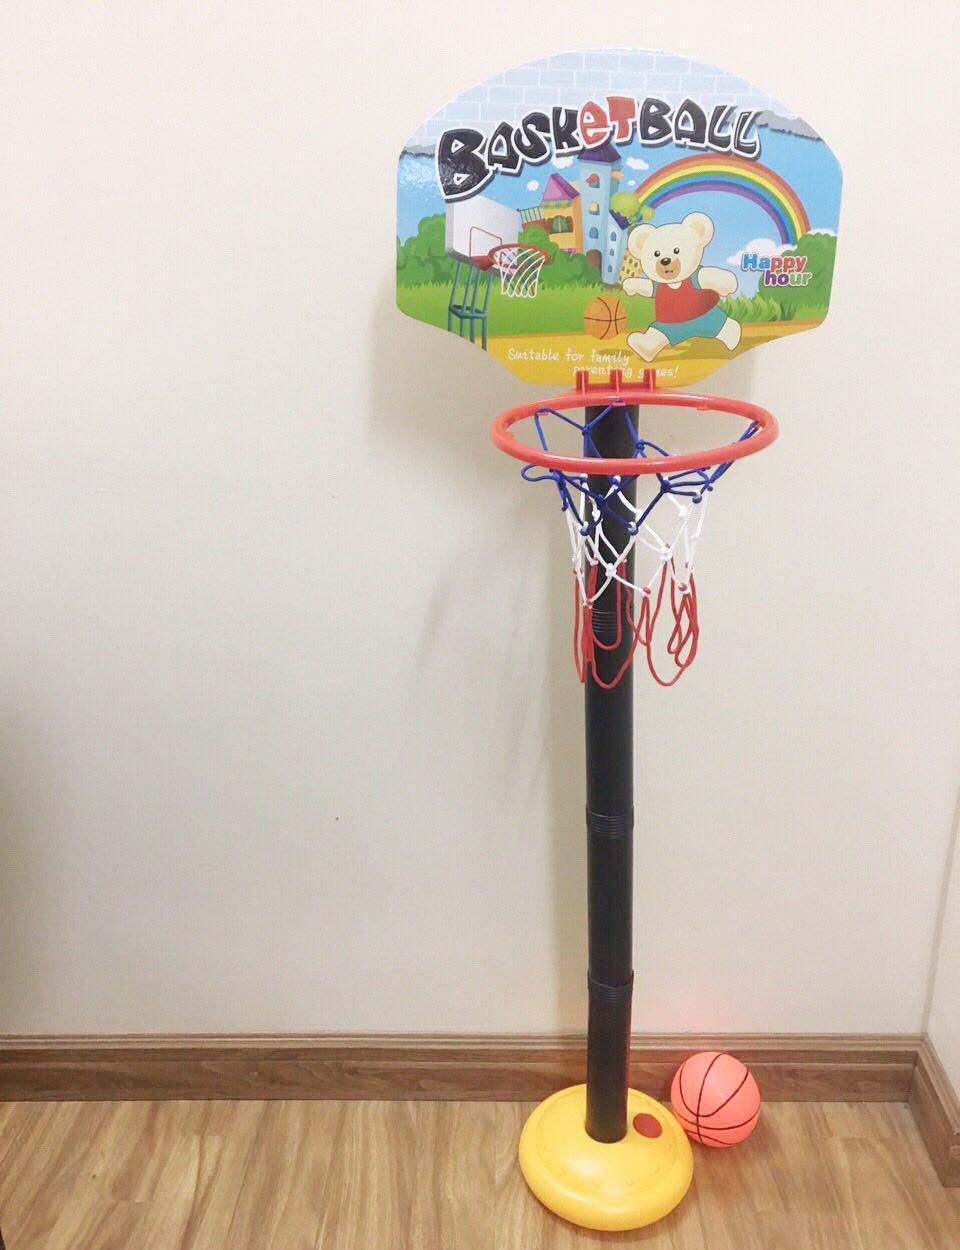 Kết quả hình ảnh cho Bộ Đồ Chơi Bóng Rổ Basketball woteng toys